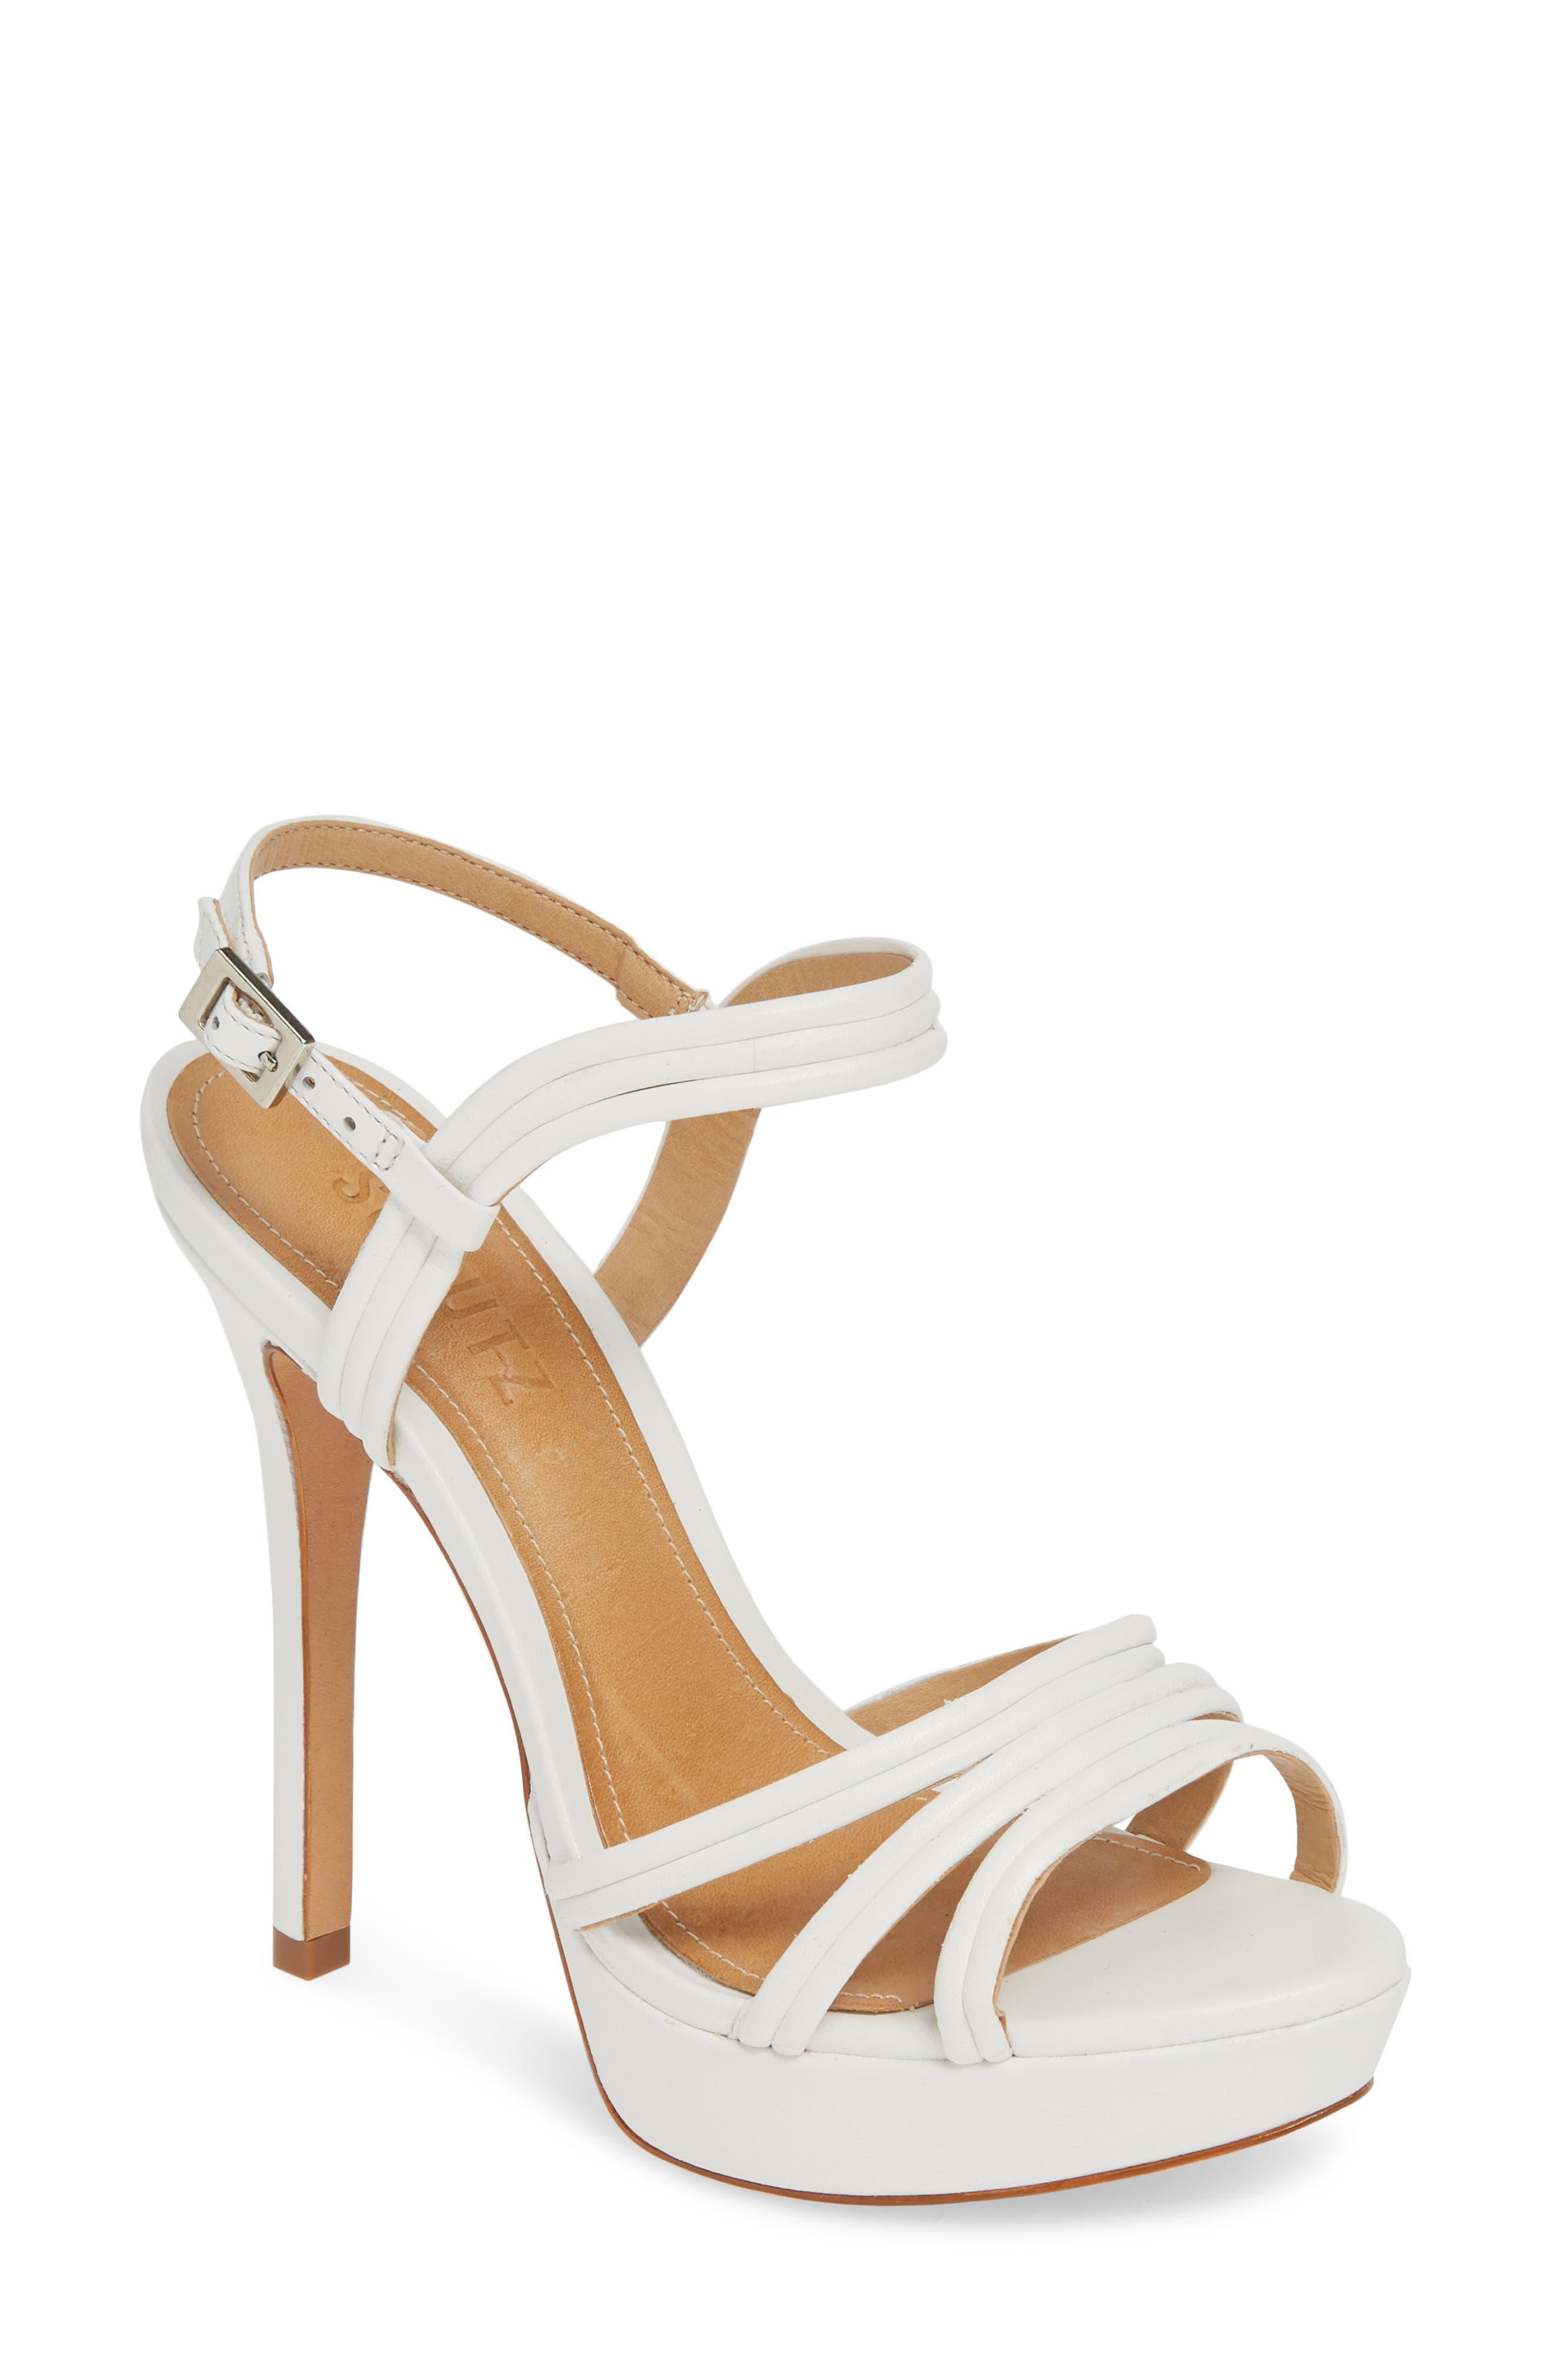 Schutz Bogga Platform Sandal, White